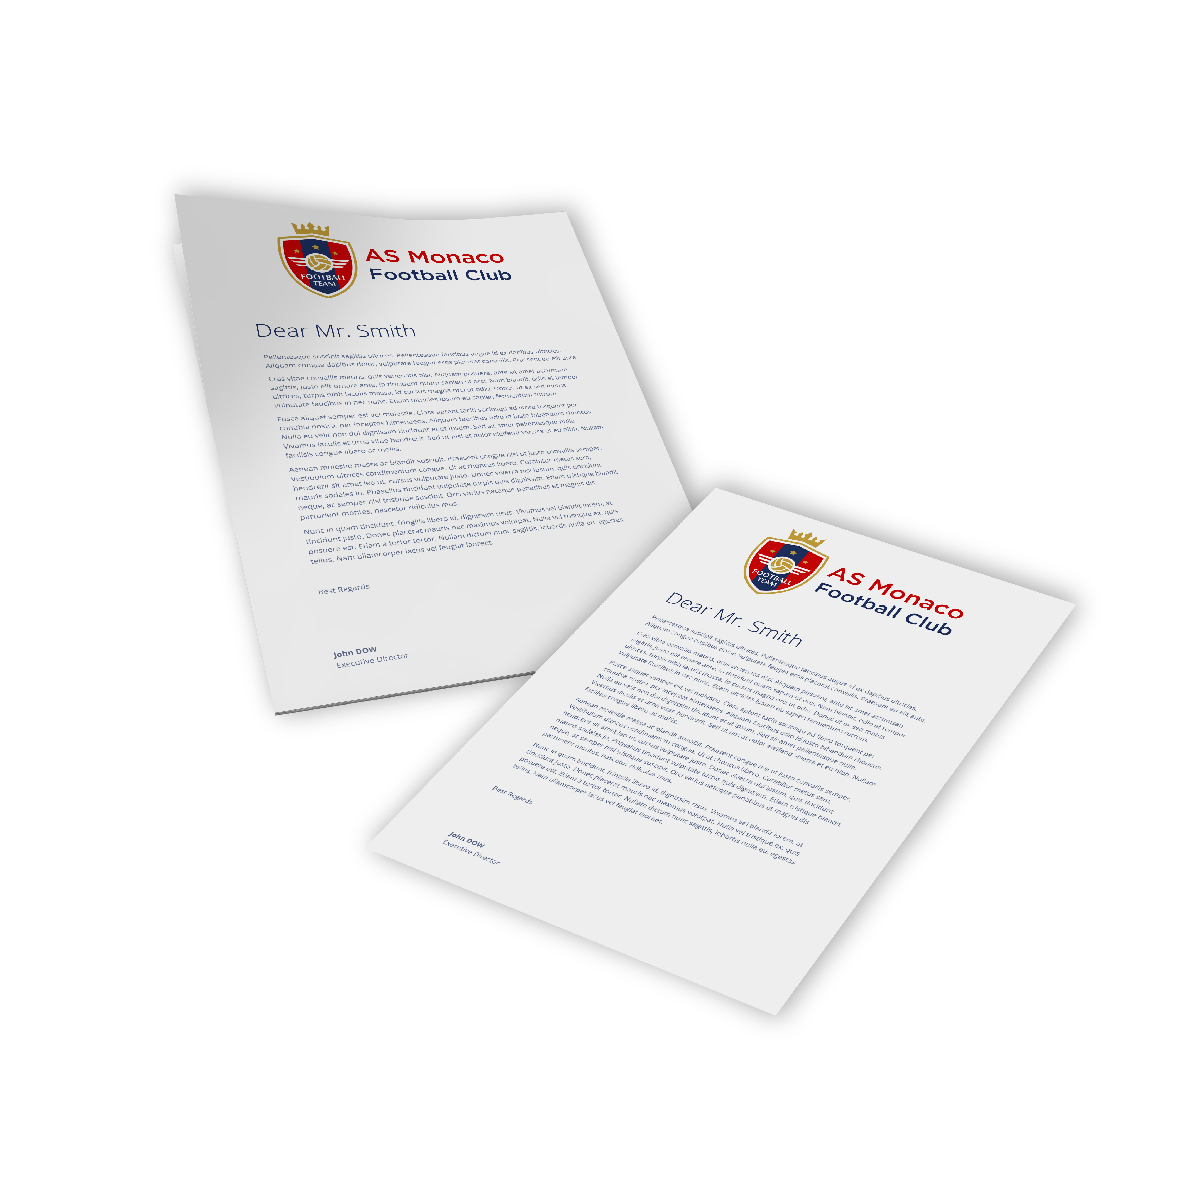 Digital Letterheads